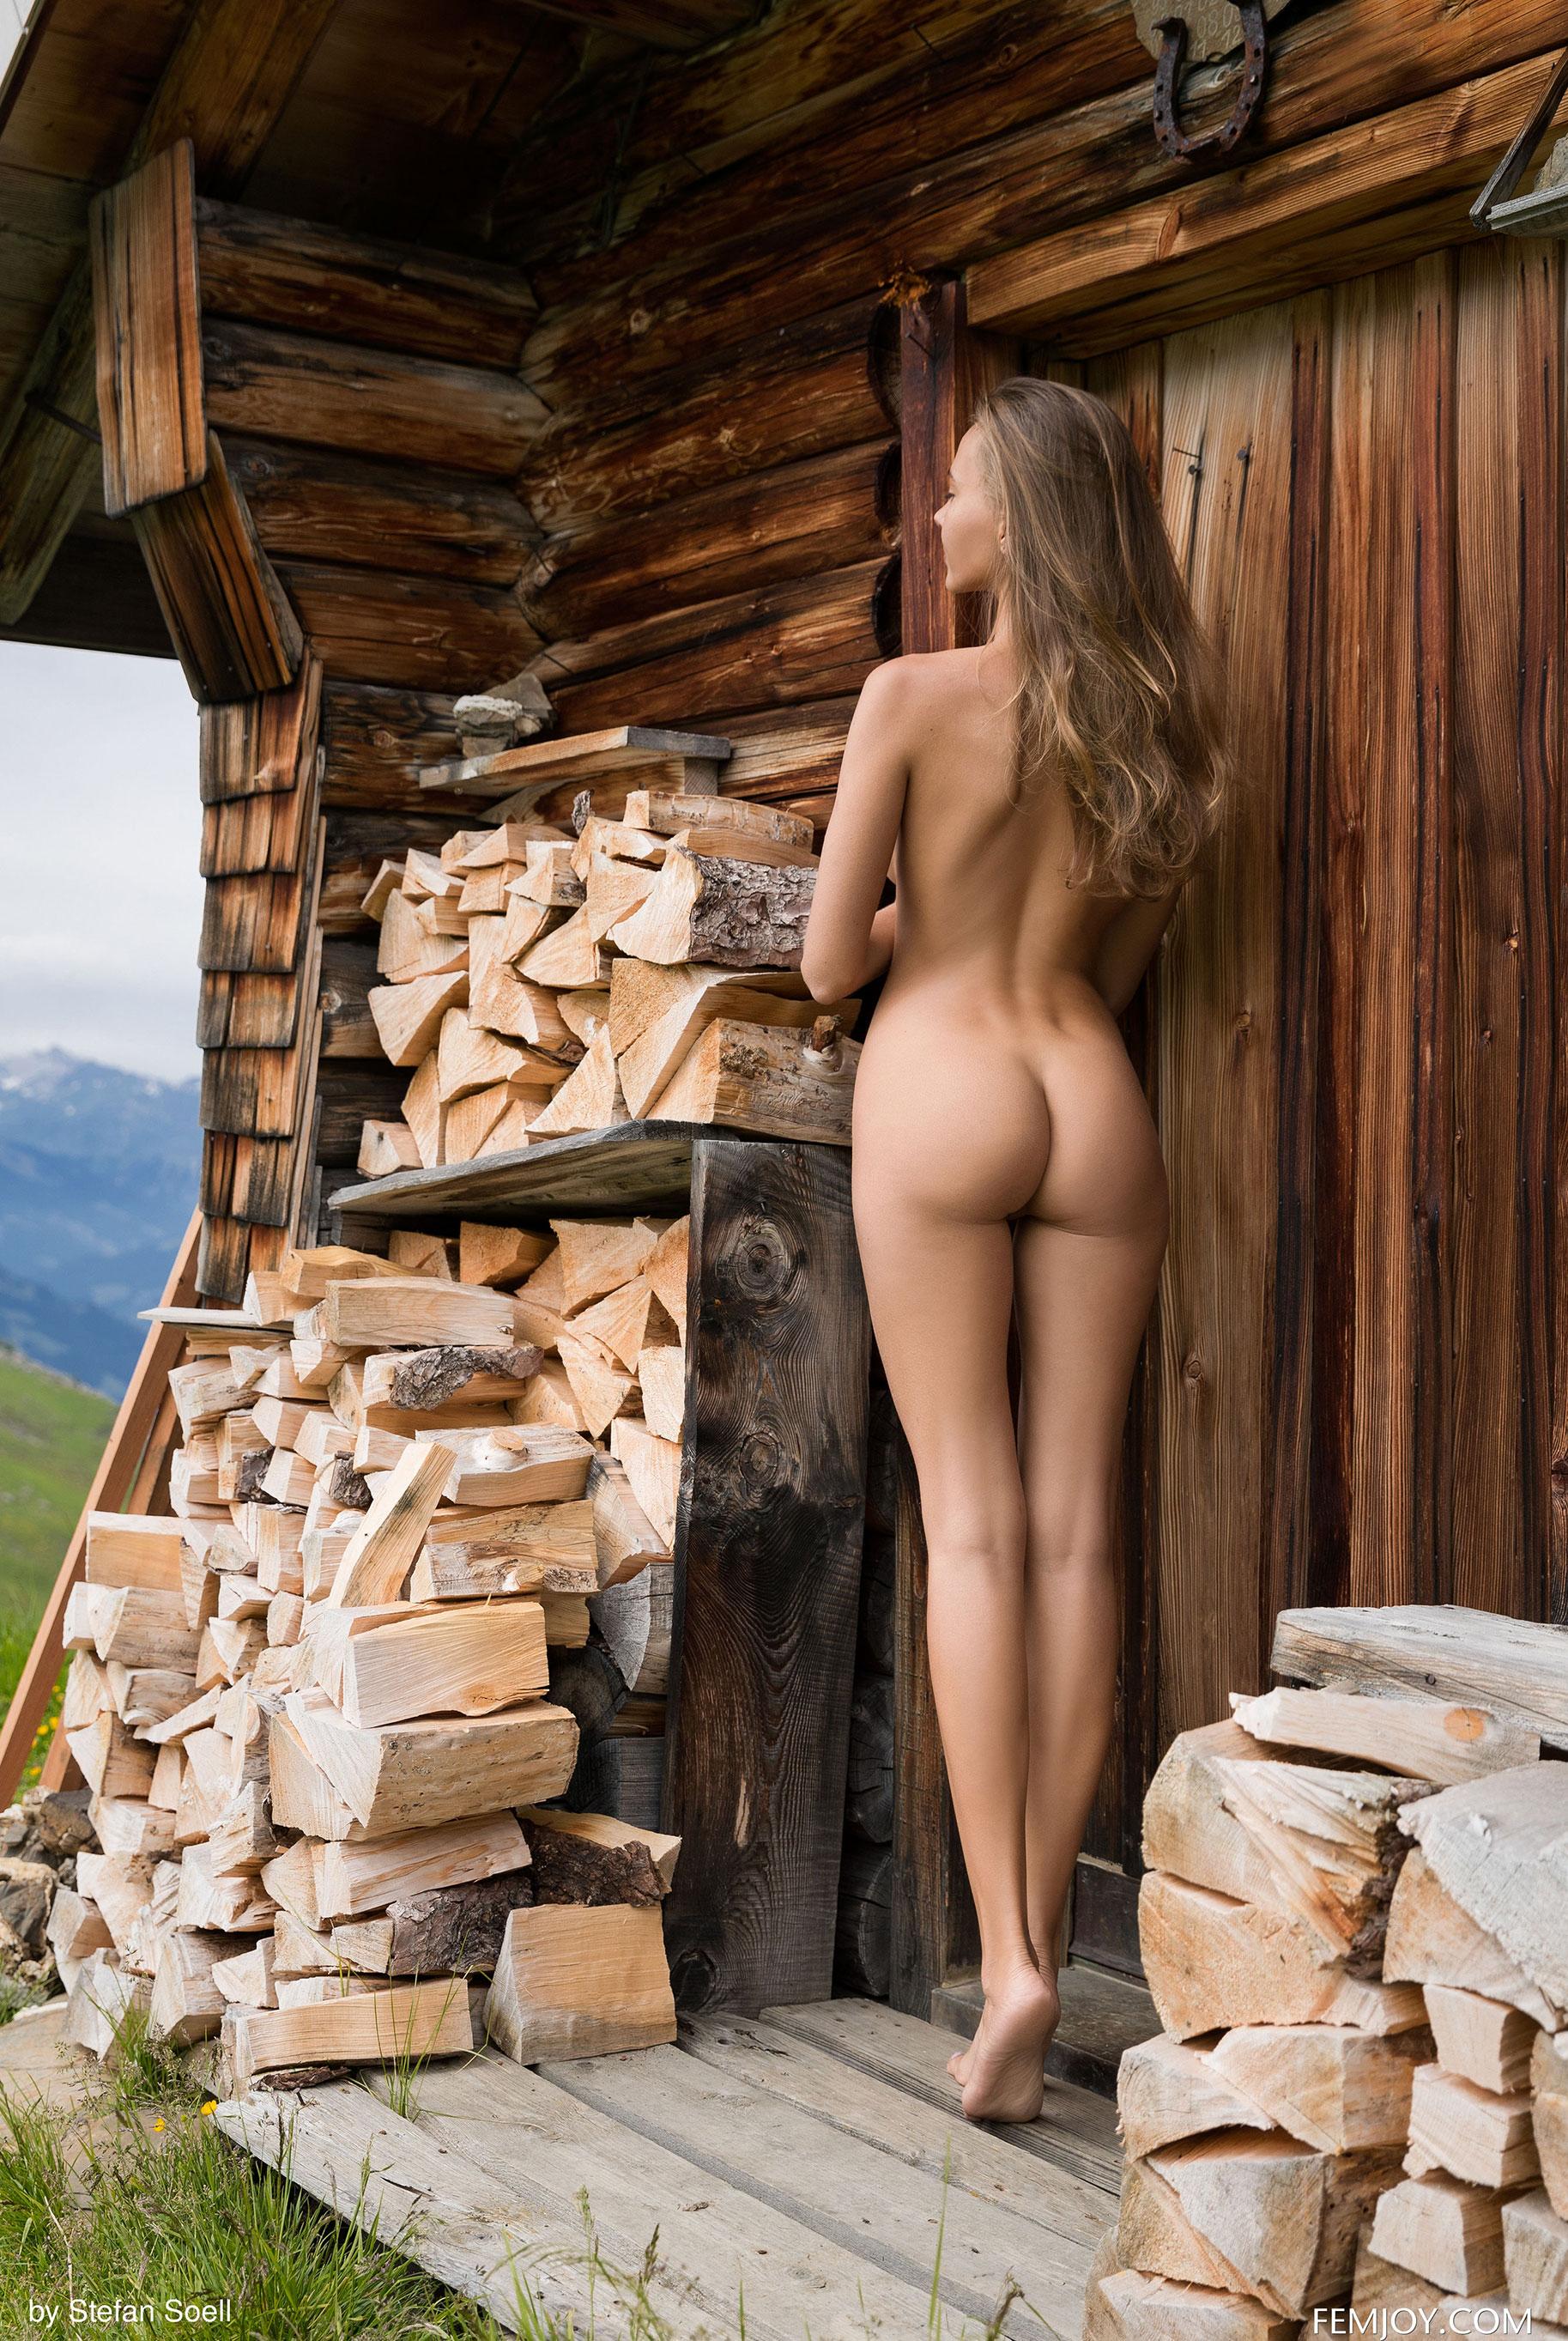 Сексуальная Катя - голая и одинокая в избушке на склоне Альпийских гор / фото 11